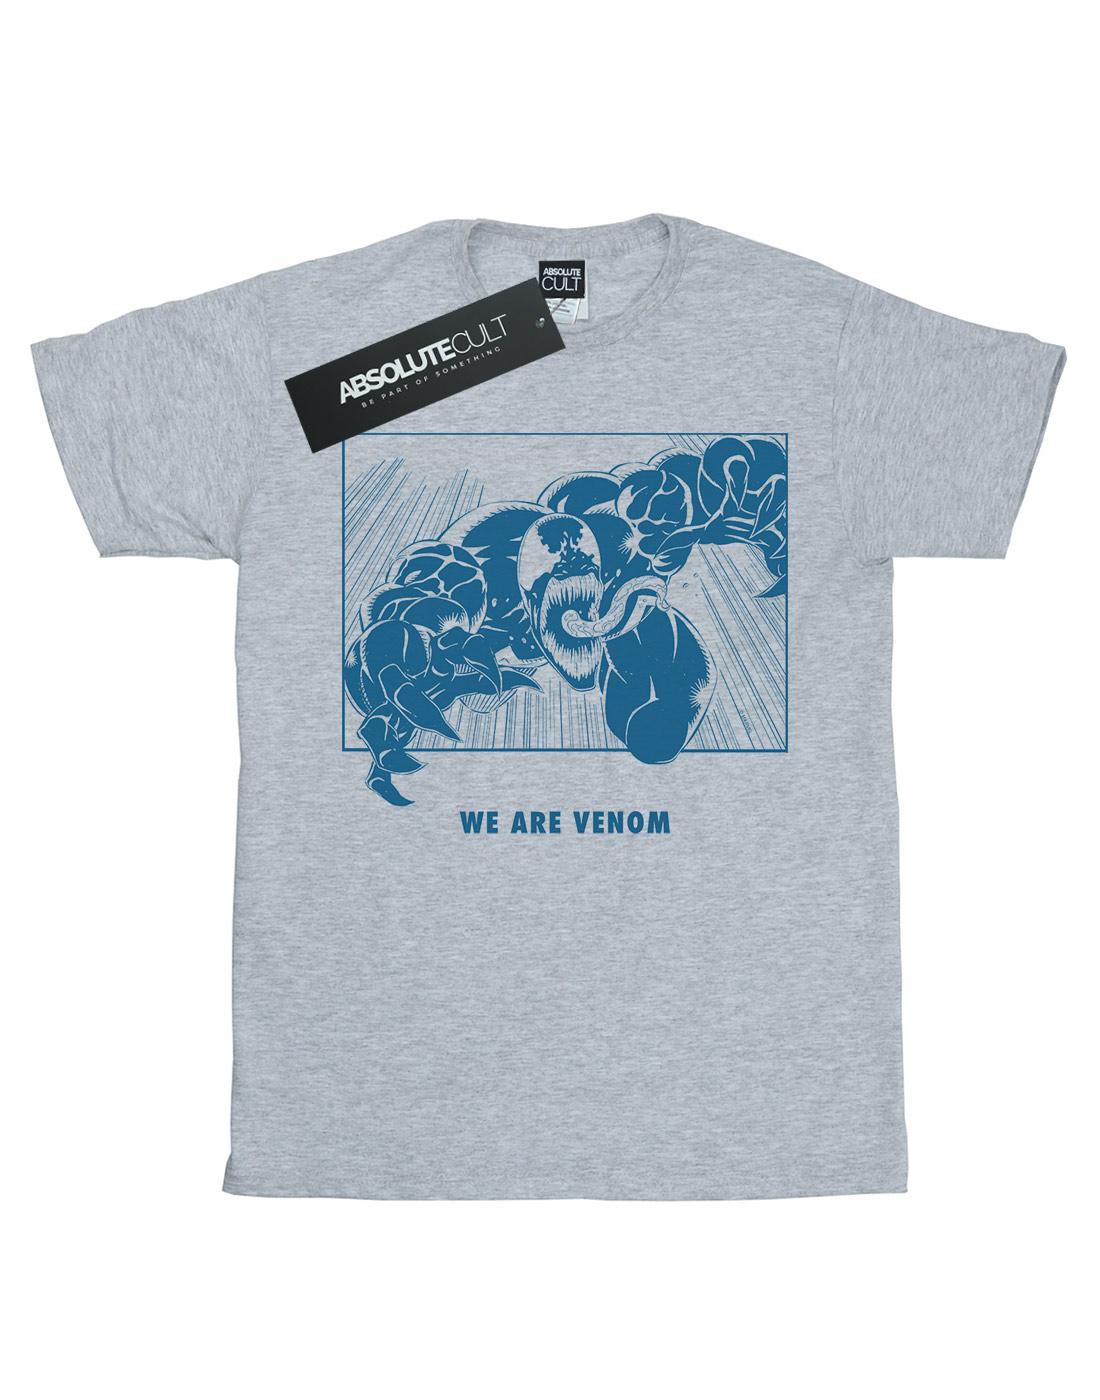 Marvel-Mujer-Venom-We-Are-Venom-Camiseta-Del-Novio-Fit